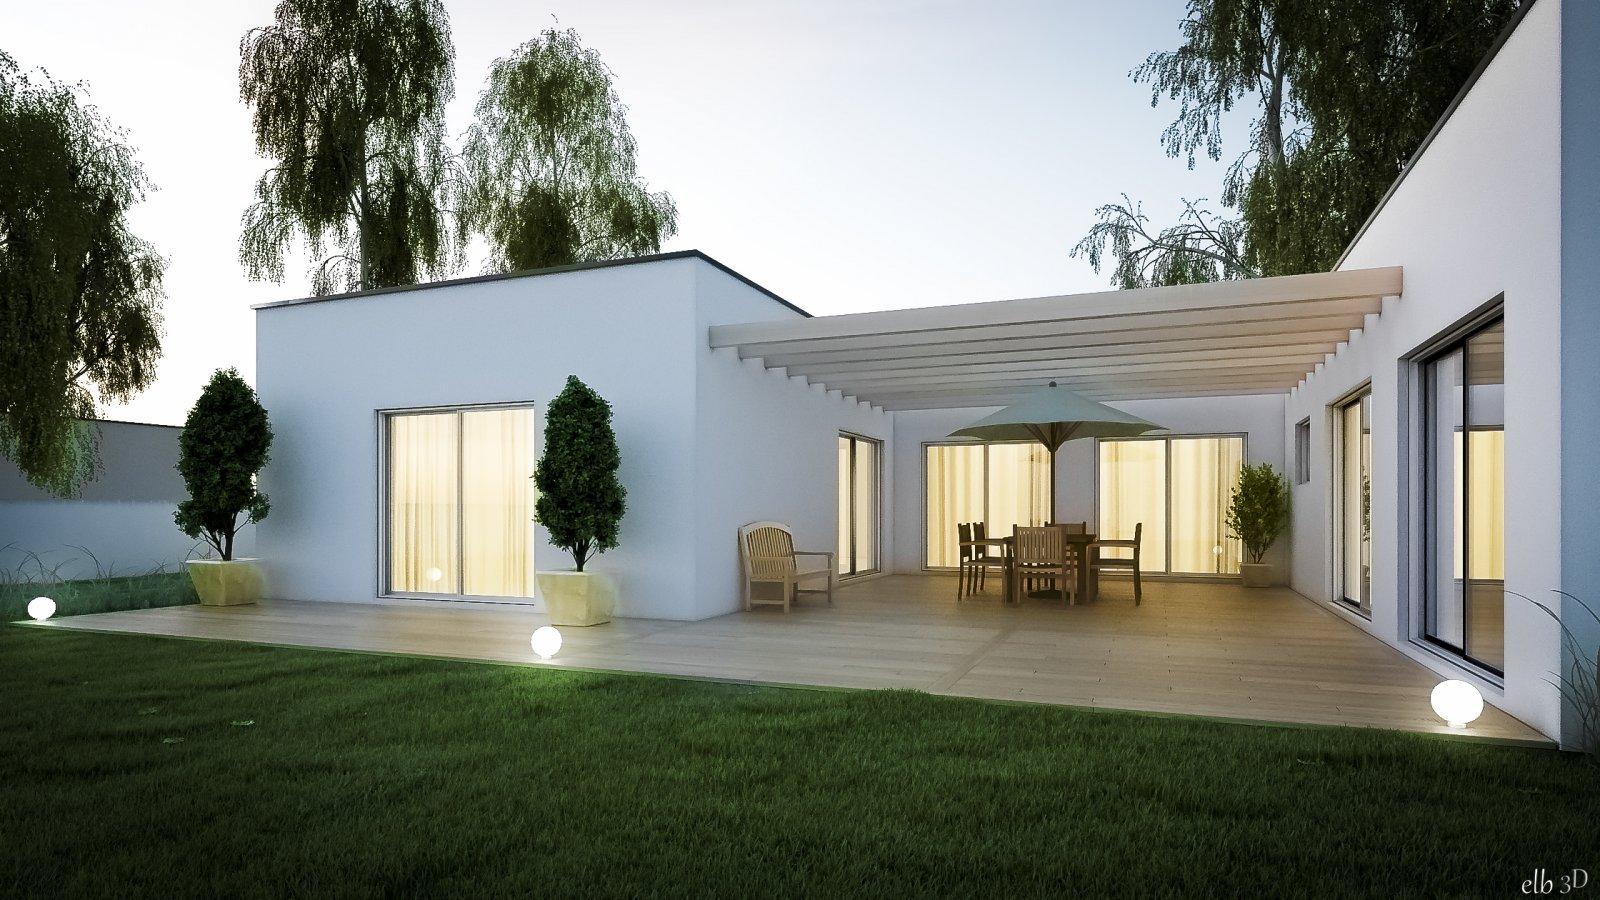 elb3d architecture design infographiste 3d freelance rennes. Black Bedroom Furniture Sets. Home Design Ideas